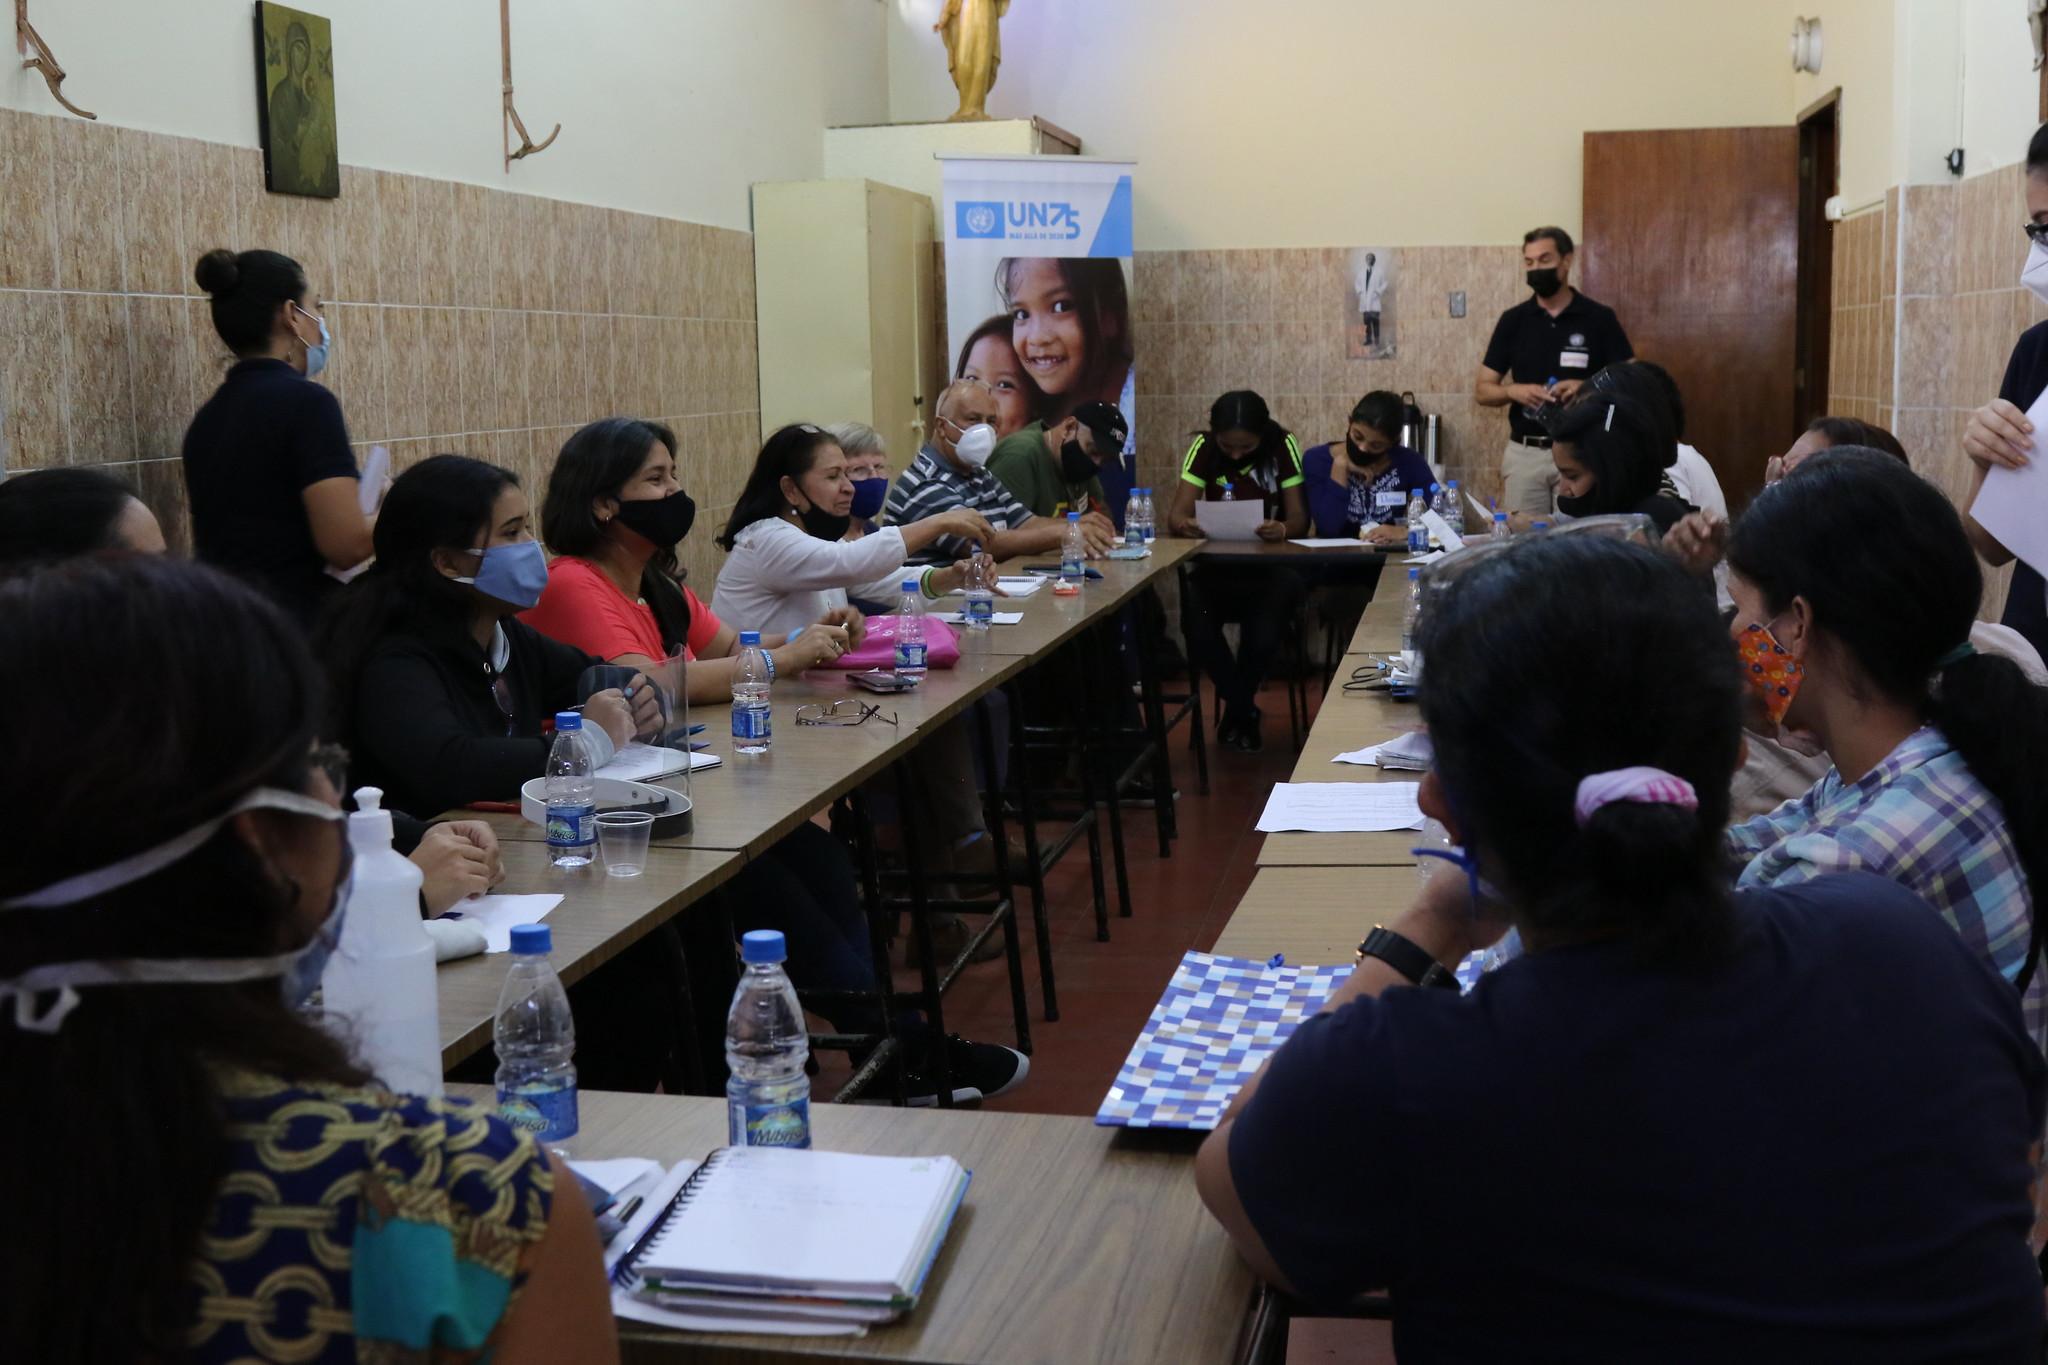 Reporte ONU75: Construyendo un mejor futuro para no dejar a nadie atrás